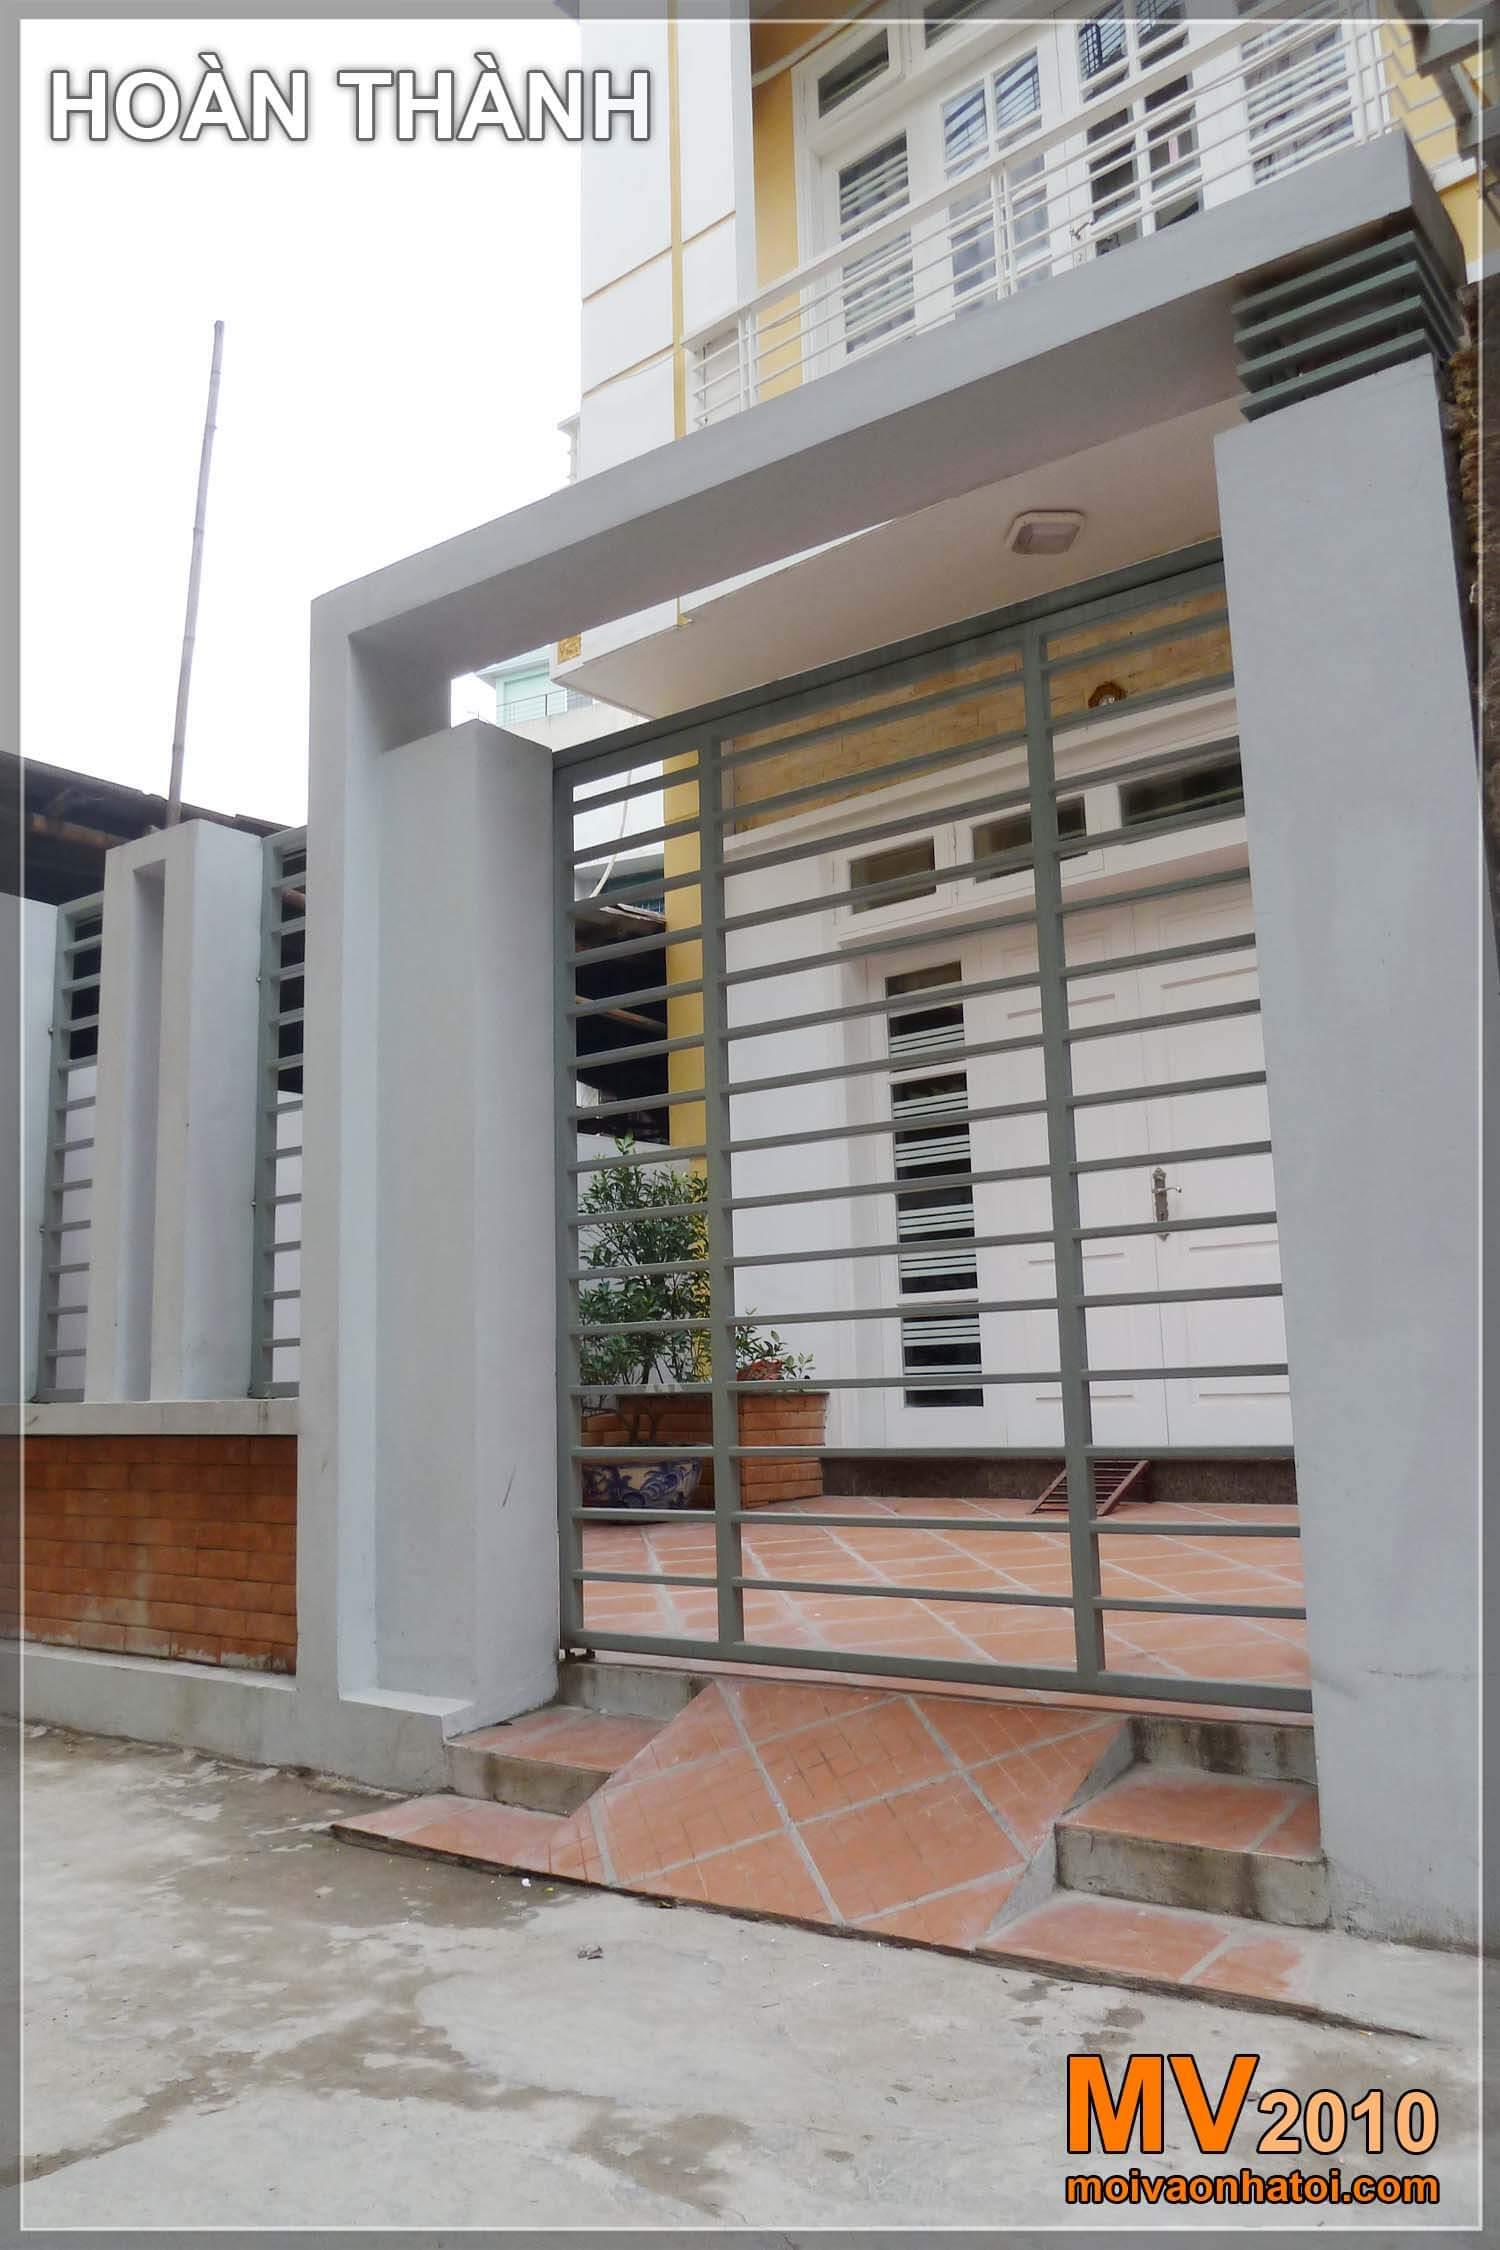 Thiết kế cổng vào căn nhà